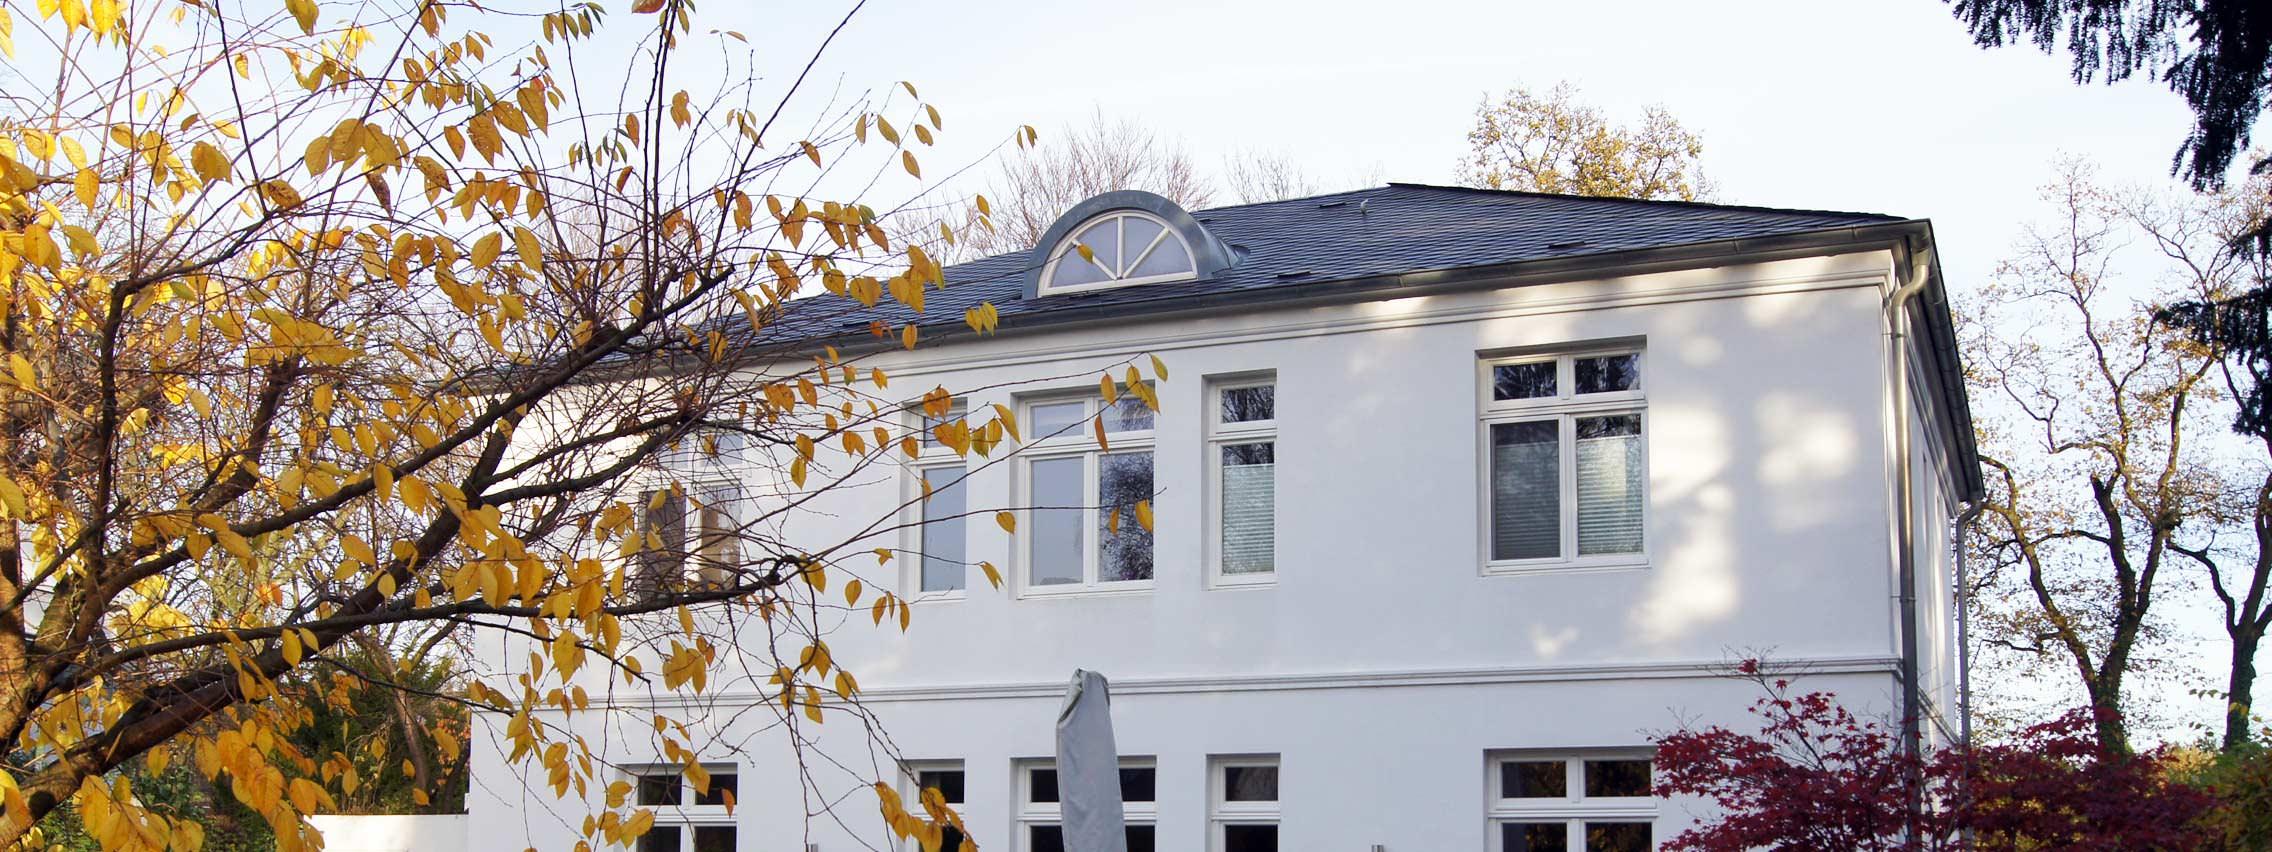 wohnungsbau hamburg neubau einer 2 geschossigen villa architektur 3. Black Bedroom Furniture Sets. Home Design Ideas